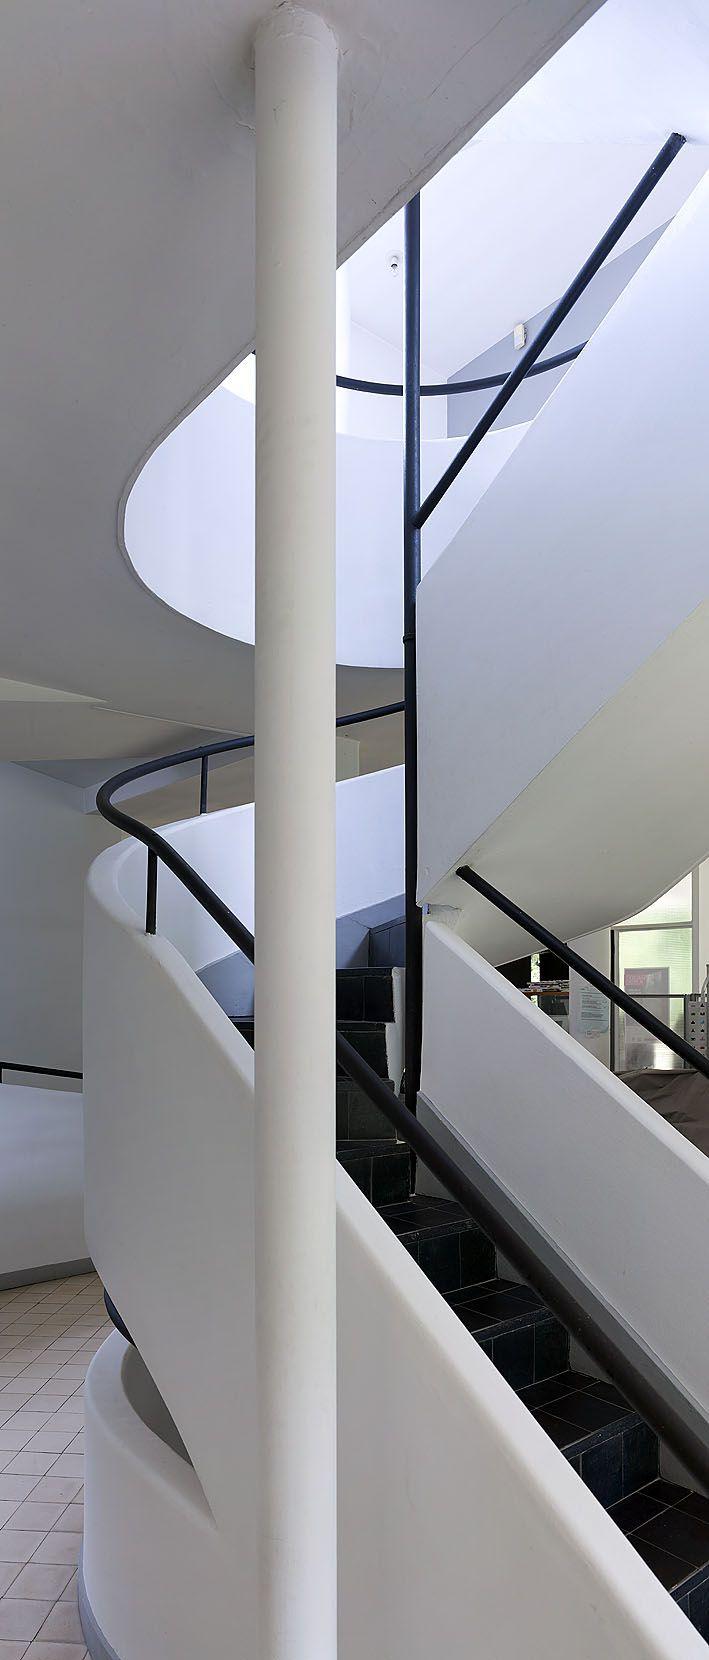 Villa savoye le corbusier arte pinterest le corbusier